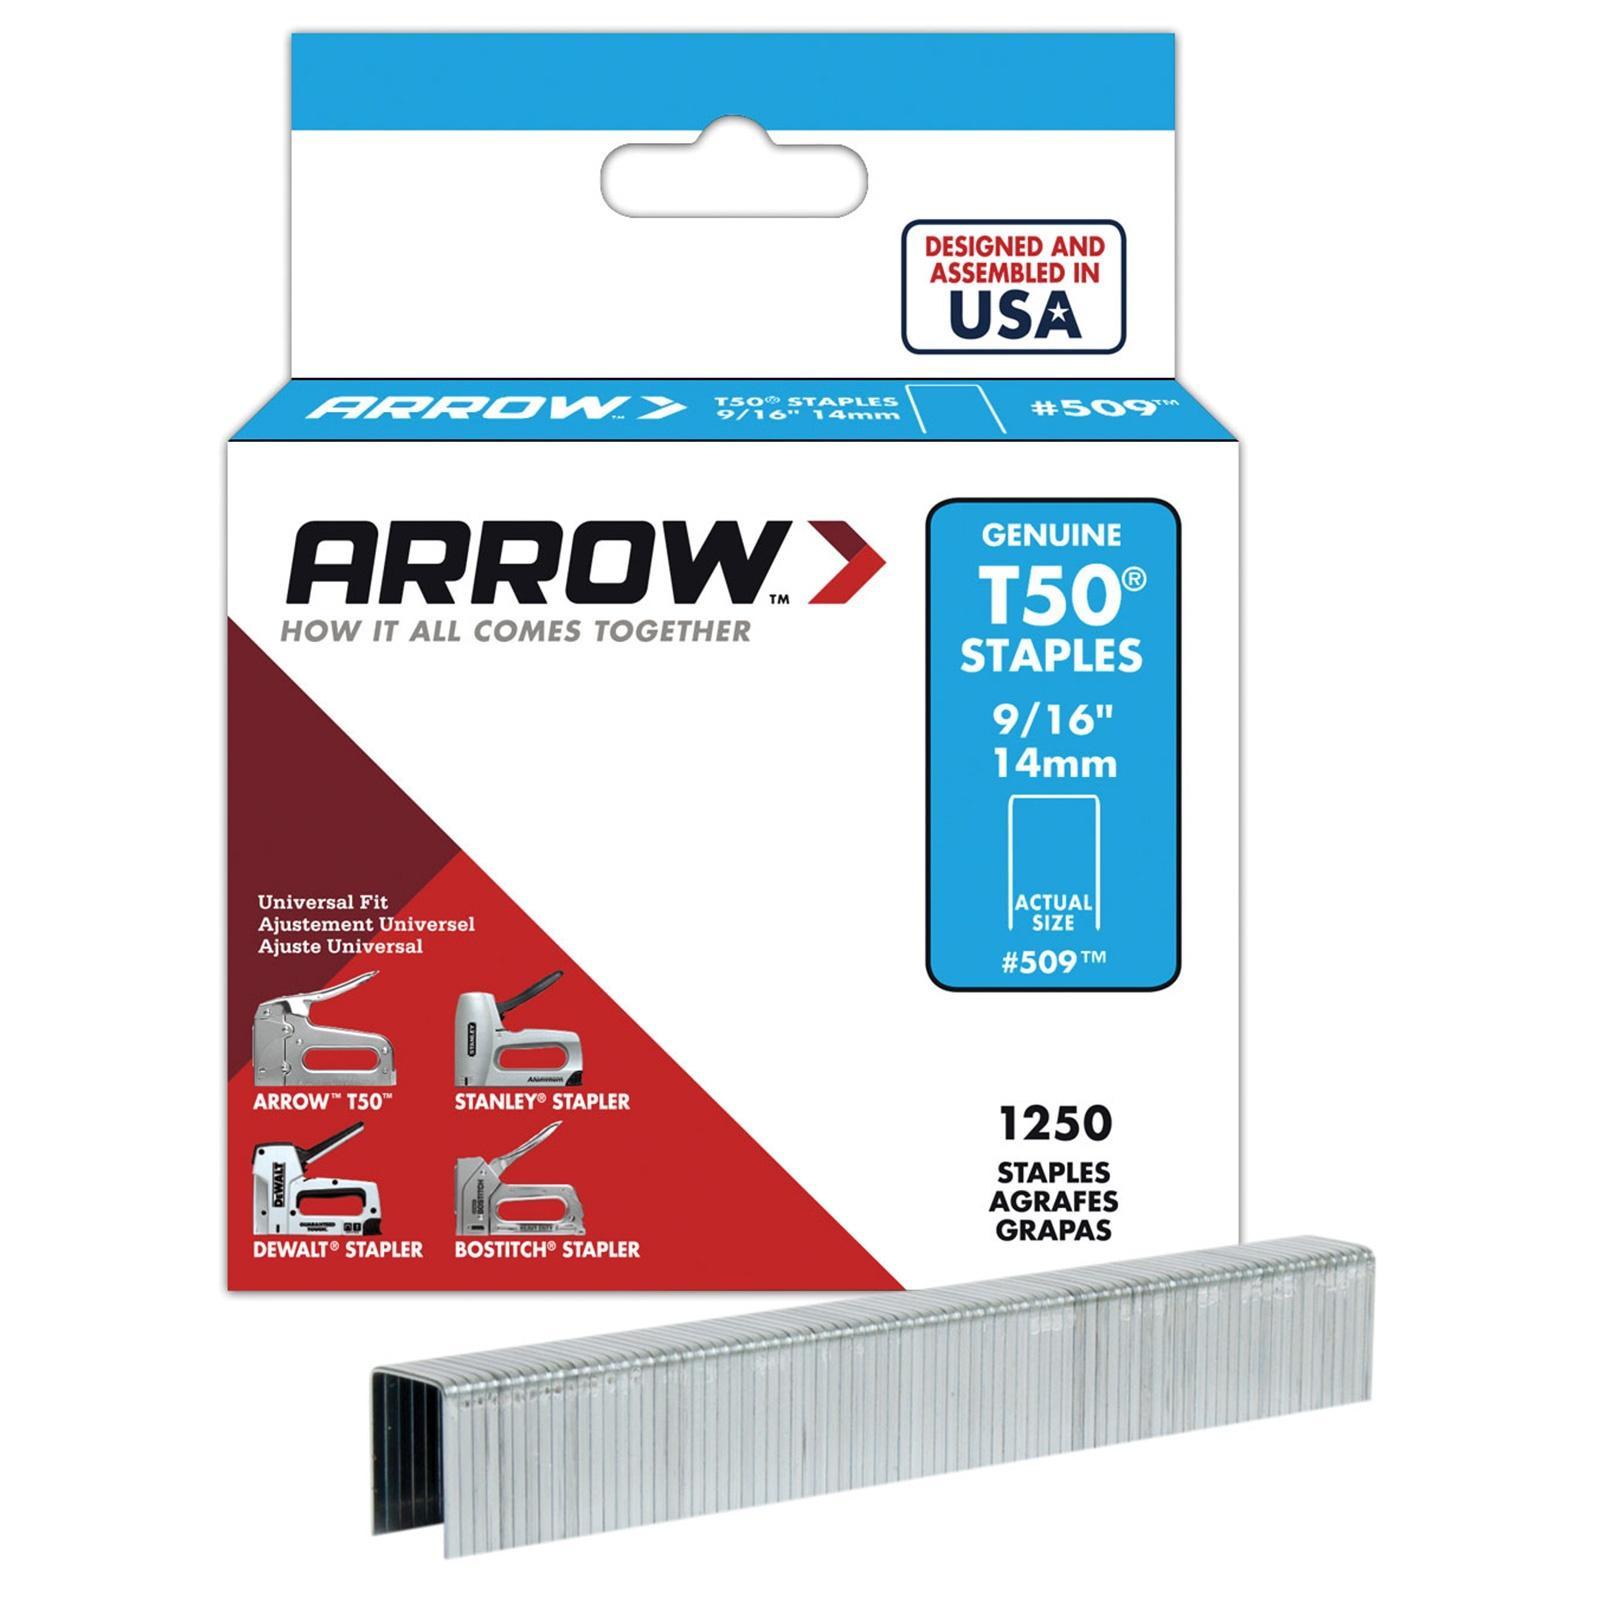 SET OF 2 PACKS OF 14MM ARROW T50 STAPLES FOR STAPLE GUNS